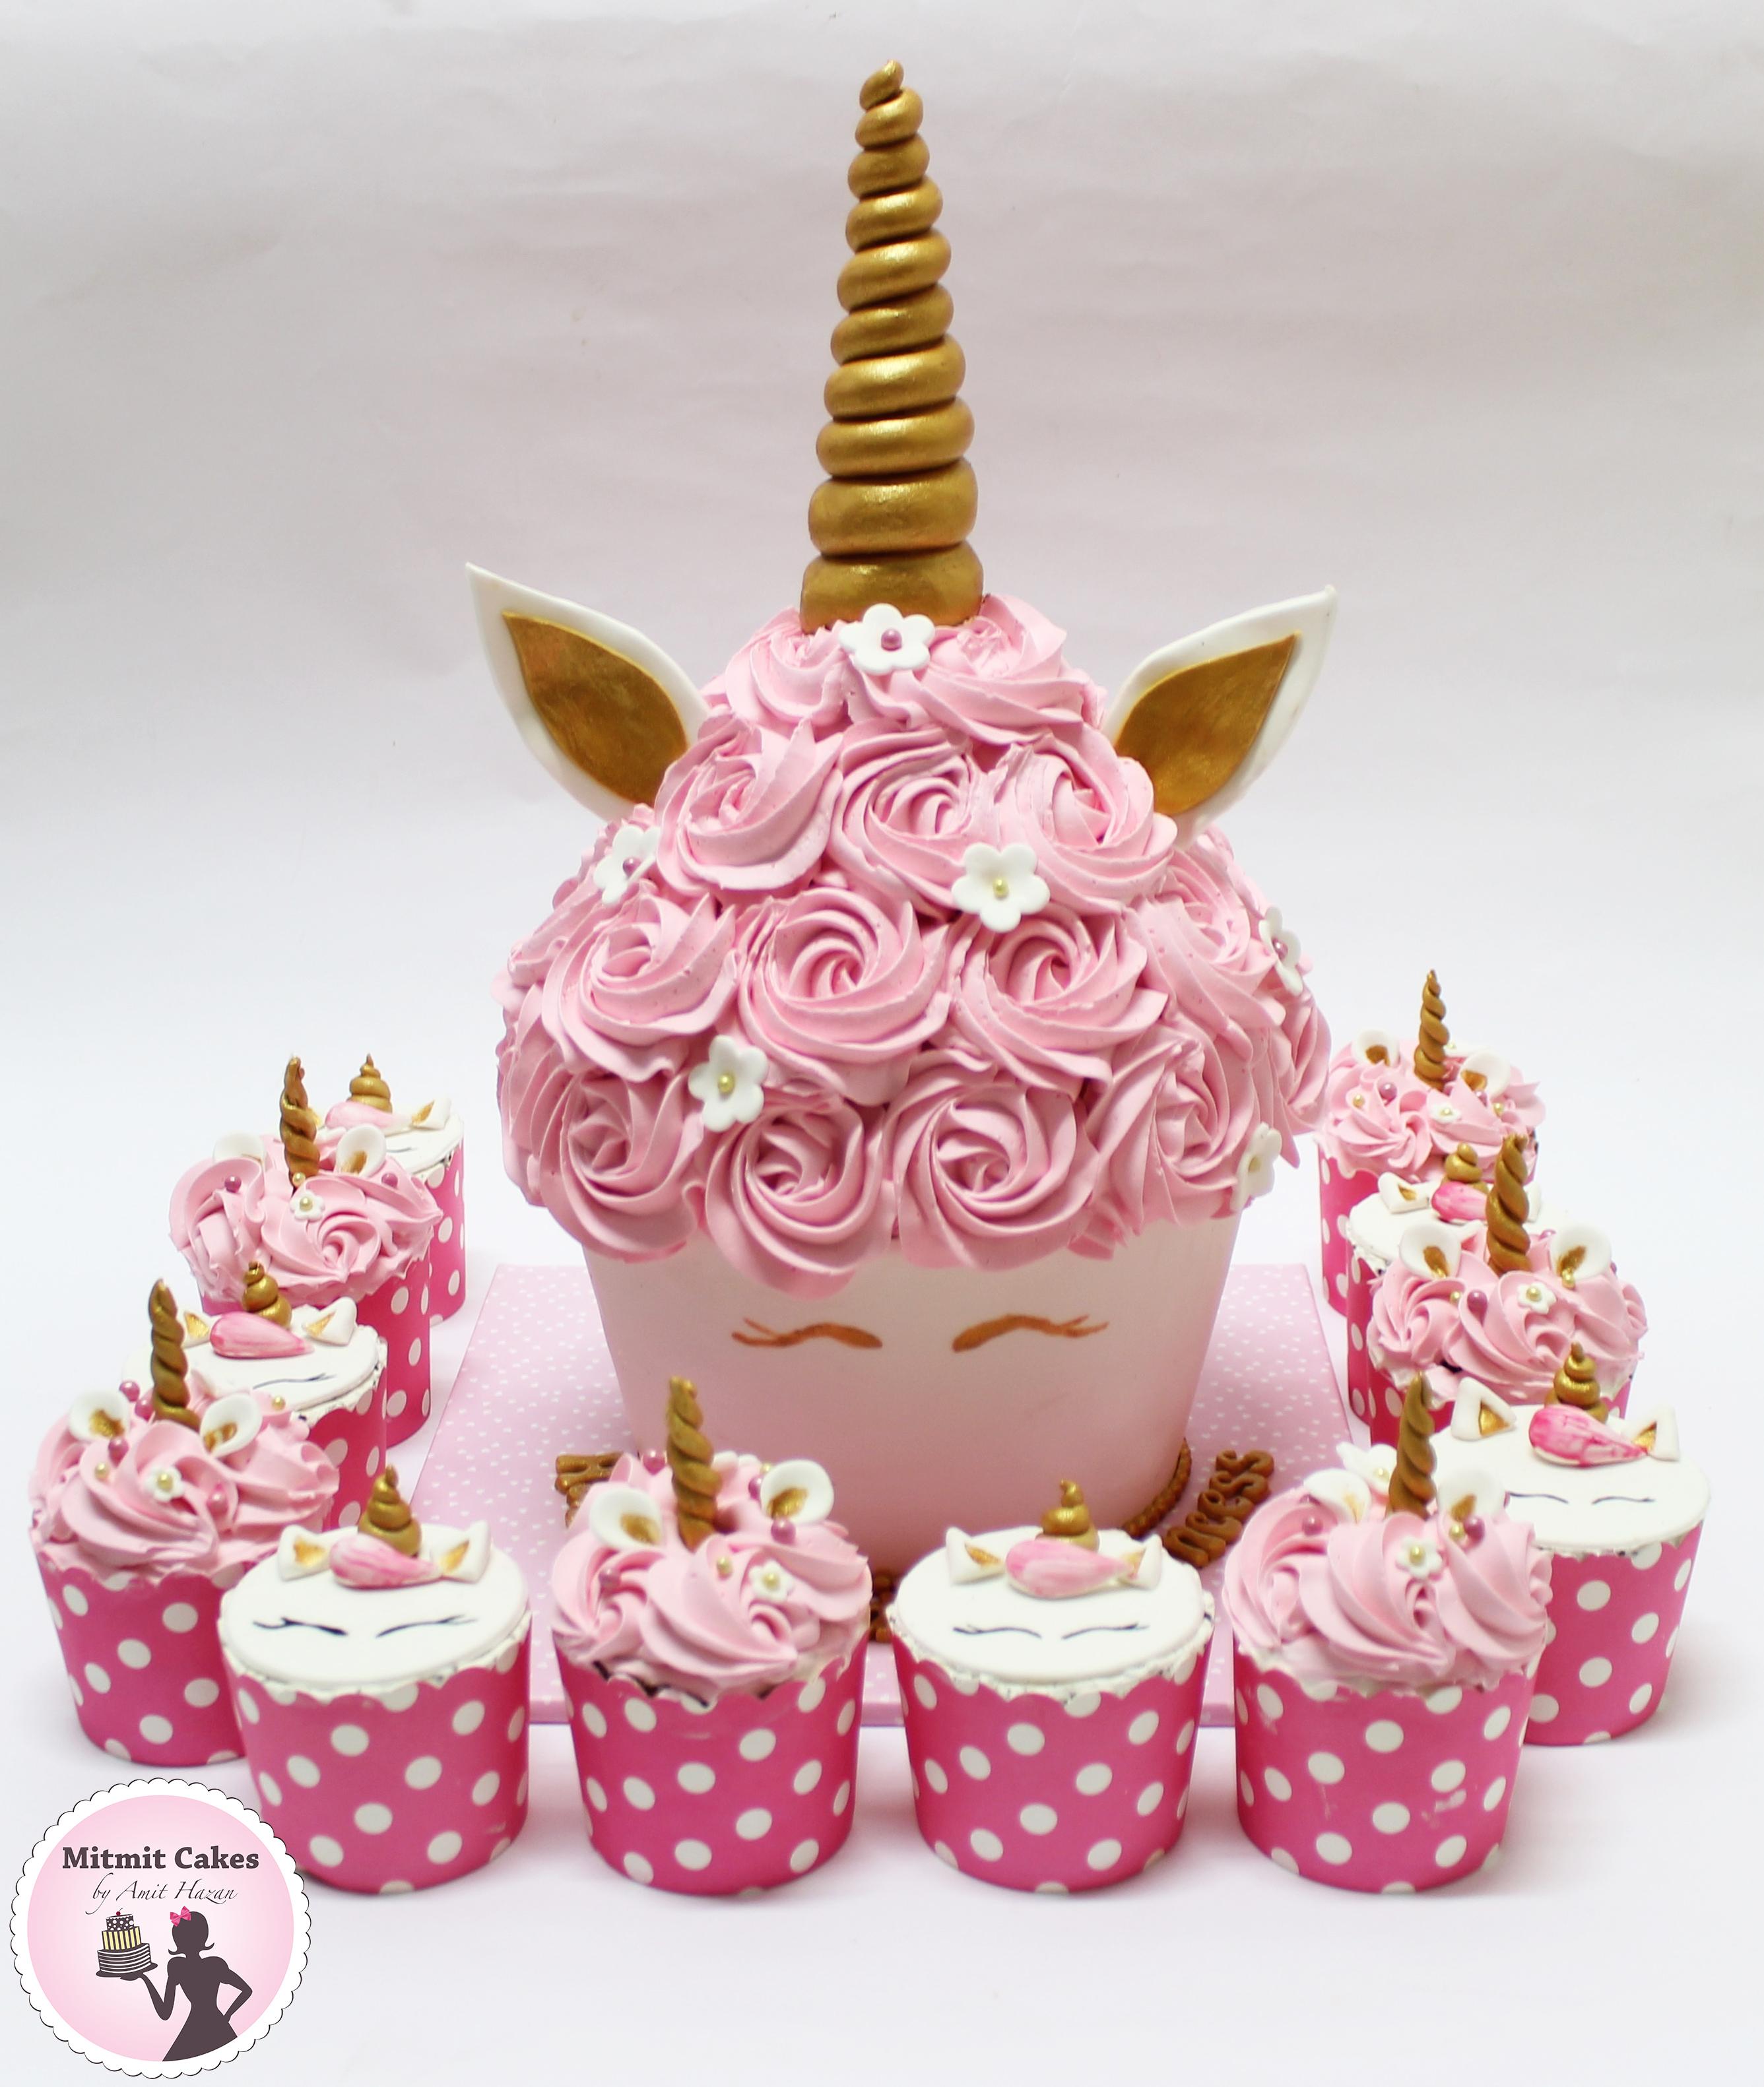 חד קרן עוגה וקאפקייקס